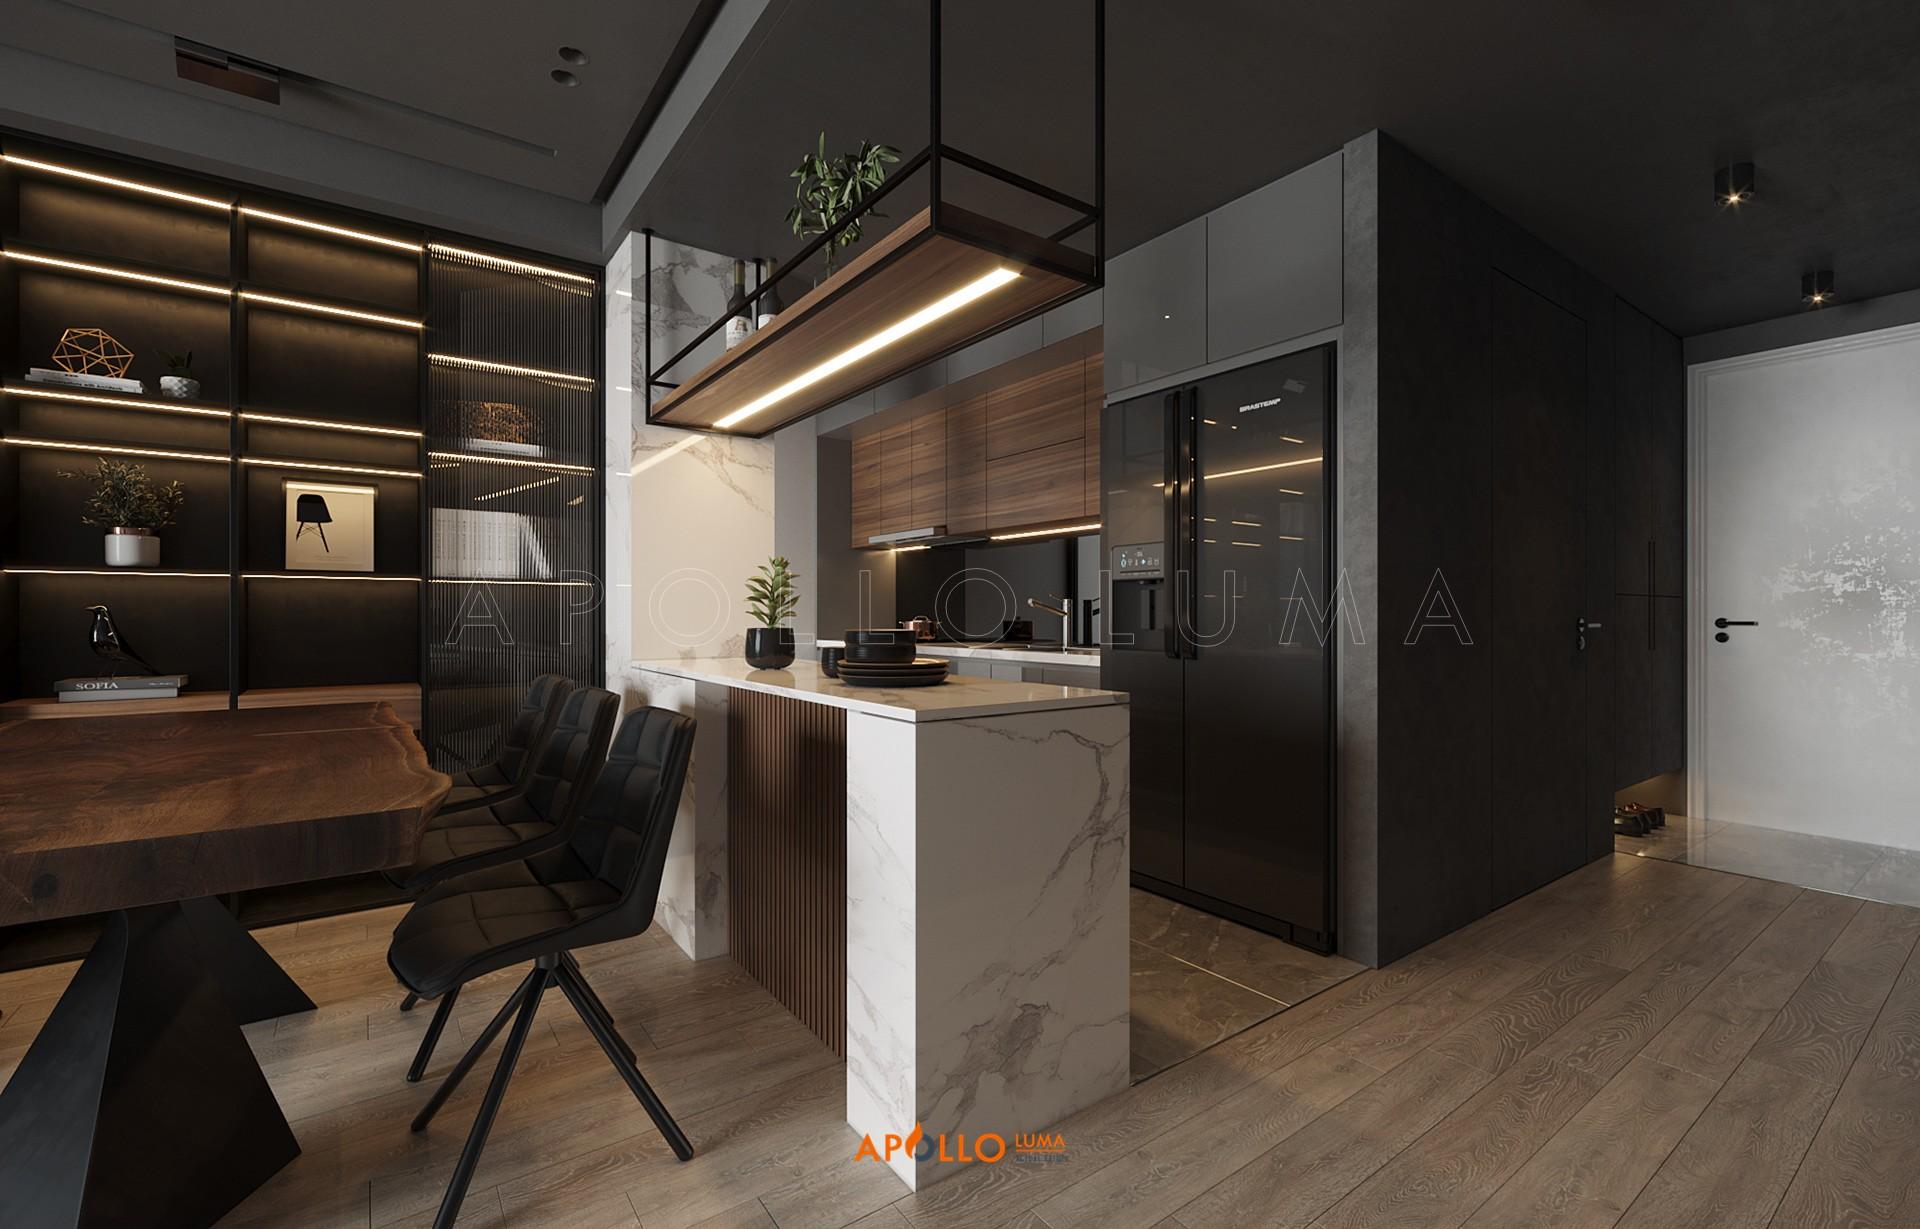 Thiết kế nội thất căn hộ 3PN (85m2) Le Grand Jardin BRG Sài Đồng